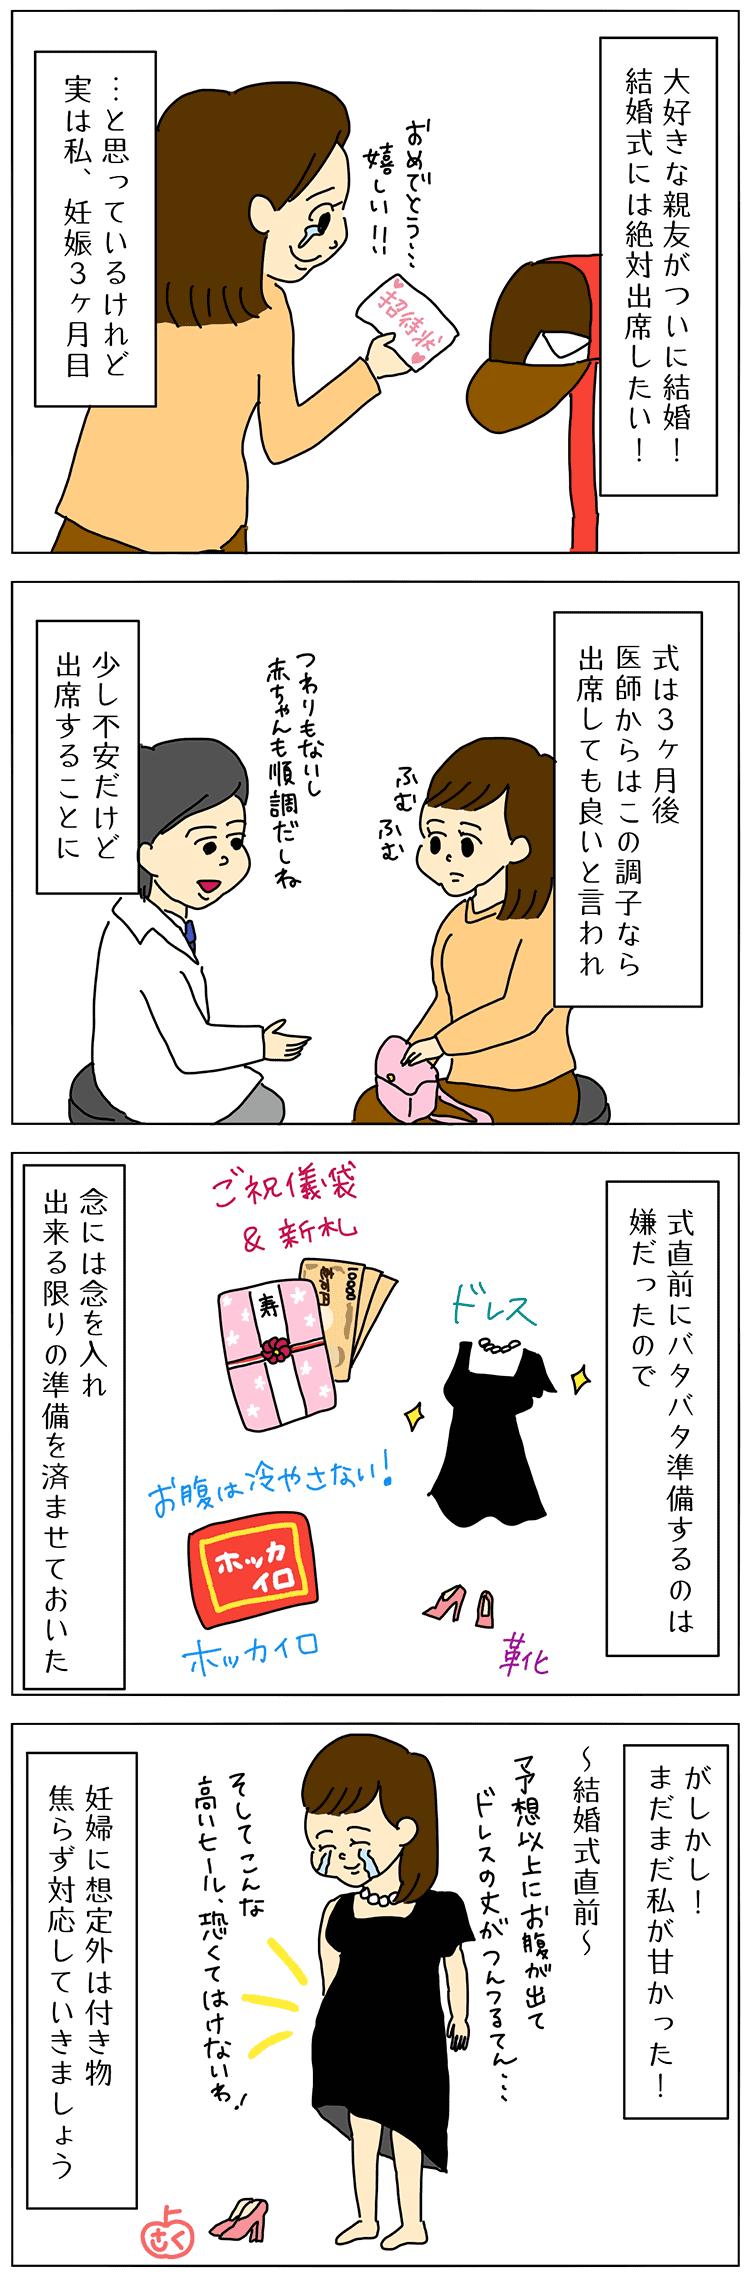 妊婦の結婚式のお呼ばれの4コマ漫画